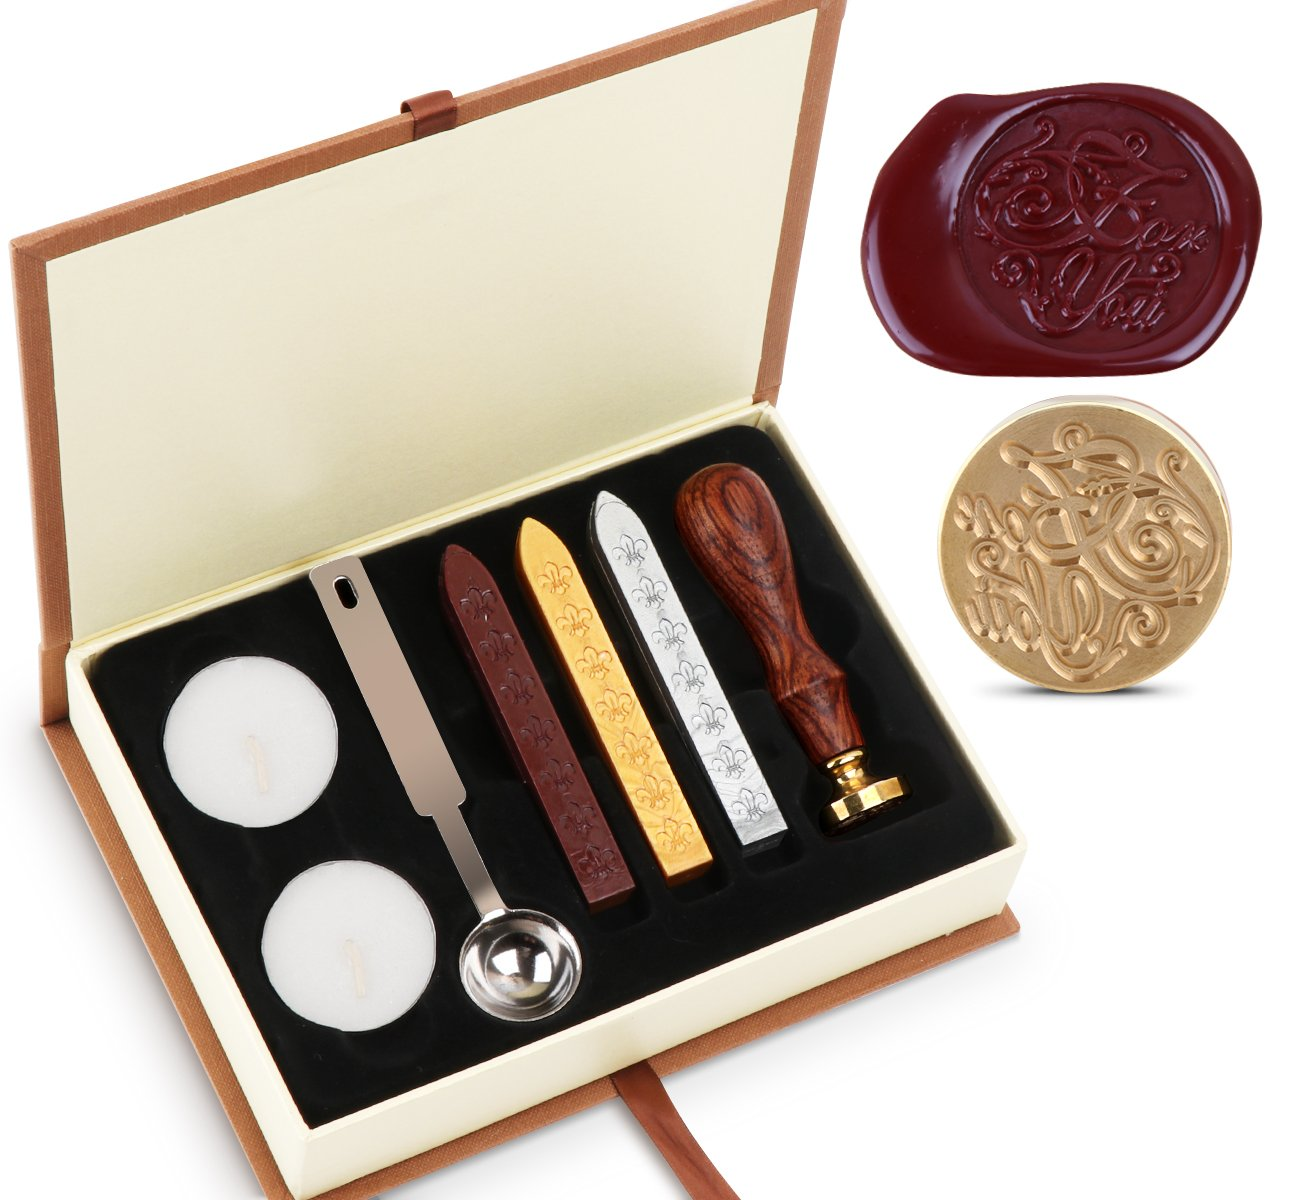 Wax Cera sello de Kit absofine Vintage Adhesive Waxing Juego con Stick Cuchara velas Caja de Regalo